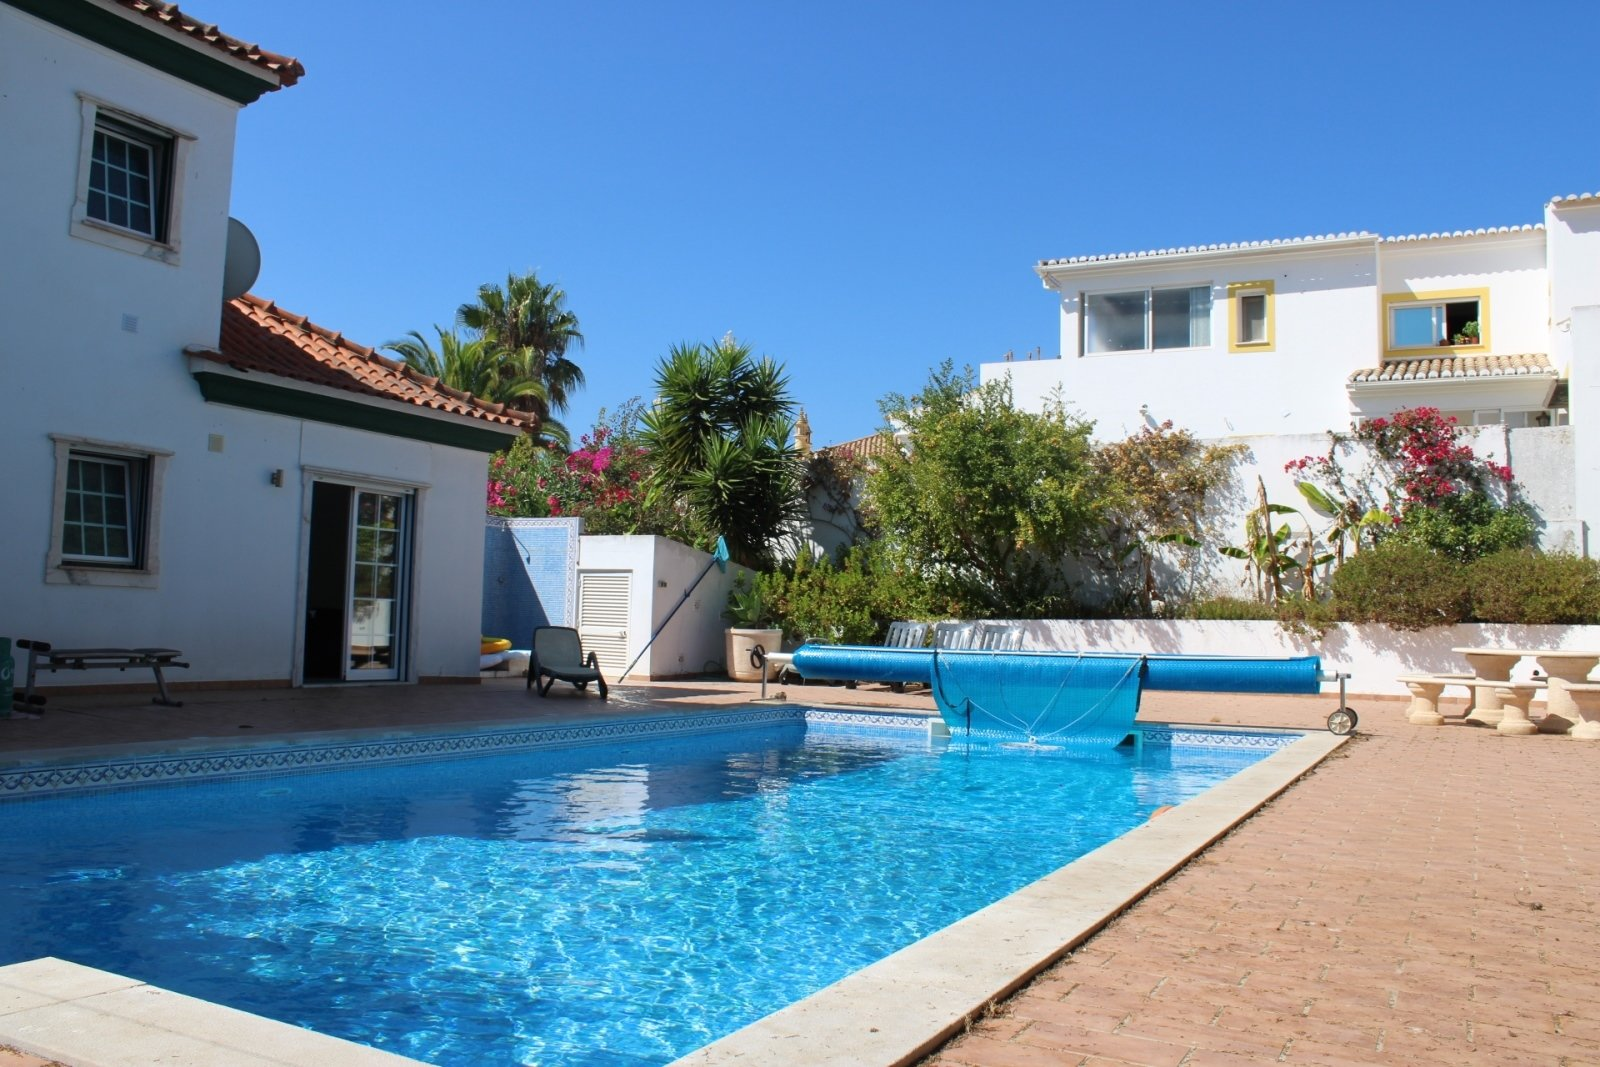 4 Bedroom Villa Lagos, Western Algarve Ref: GV605